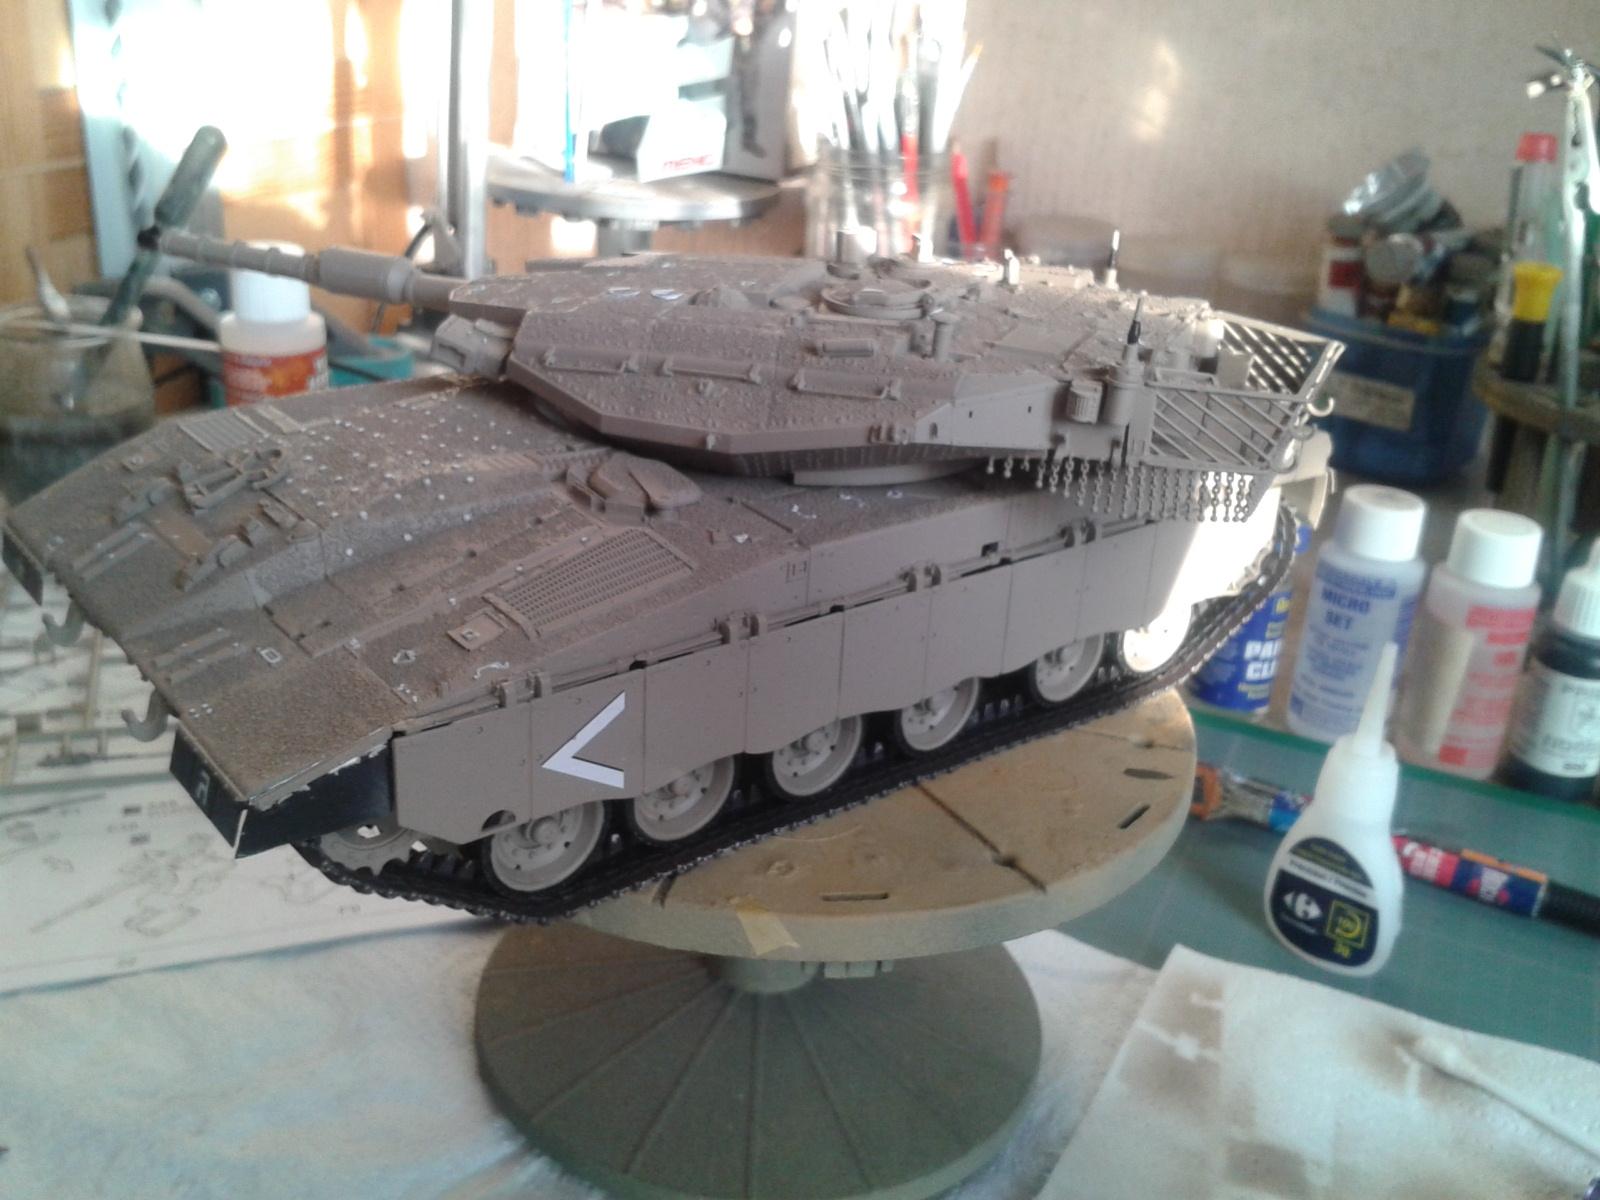 IDF MERKAVA MK.3D EARLY au 1/35 By Meng.....Terminer !!!! et sur son dio.... - Page 2 20130326180409